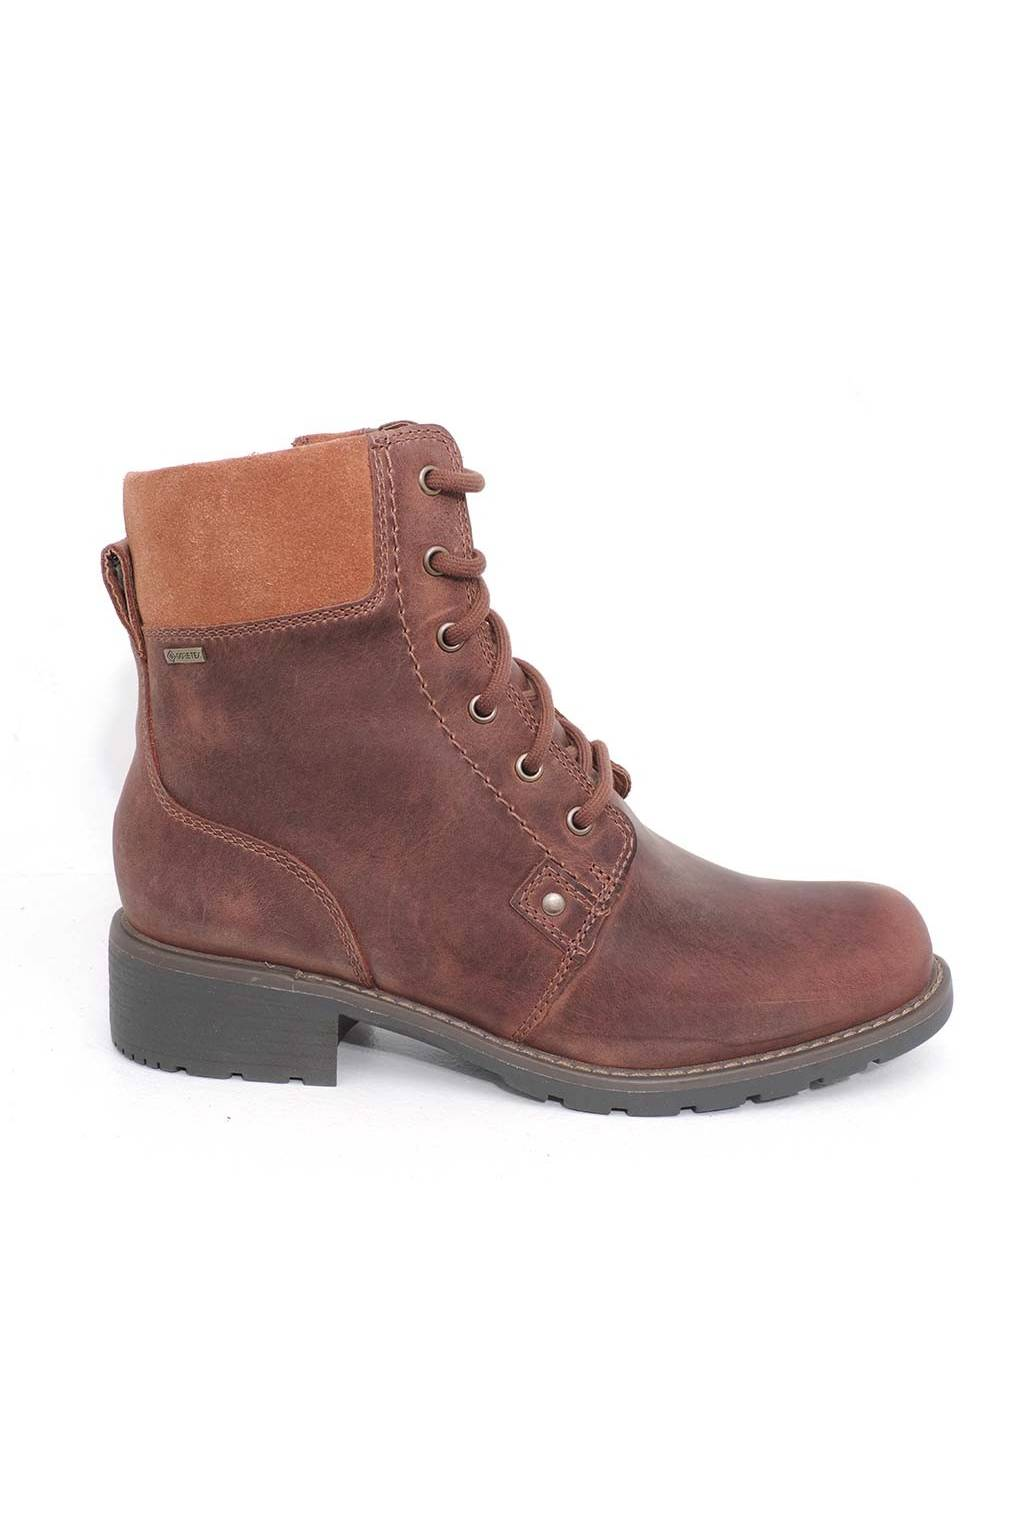 Clarks Orinoco Up GTX Tan Leather